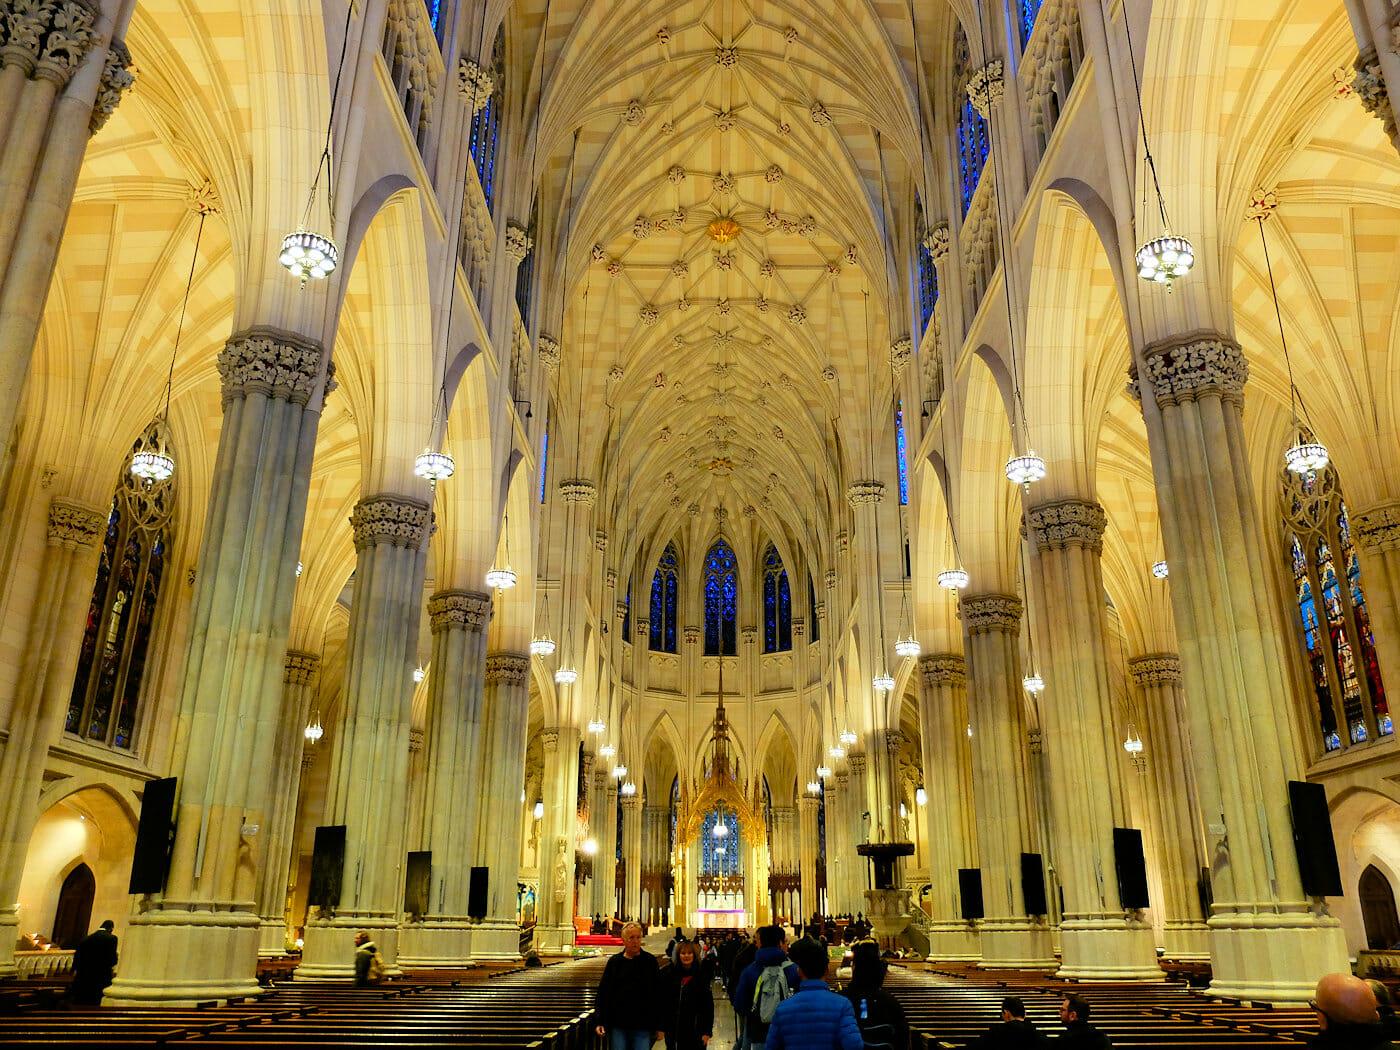 ニューヨーク セント パトリック 大聖堂 - 騒霊な内装